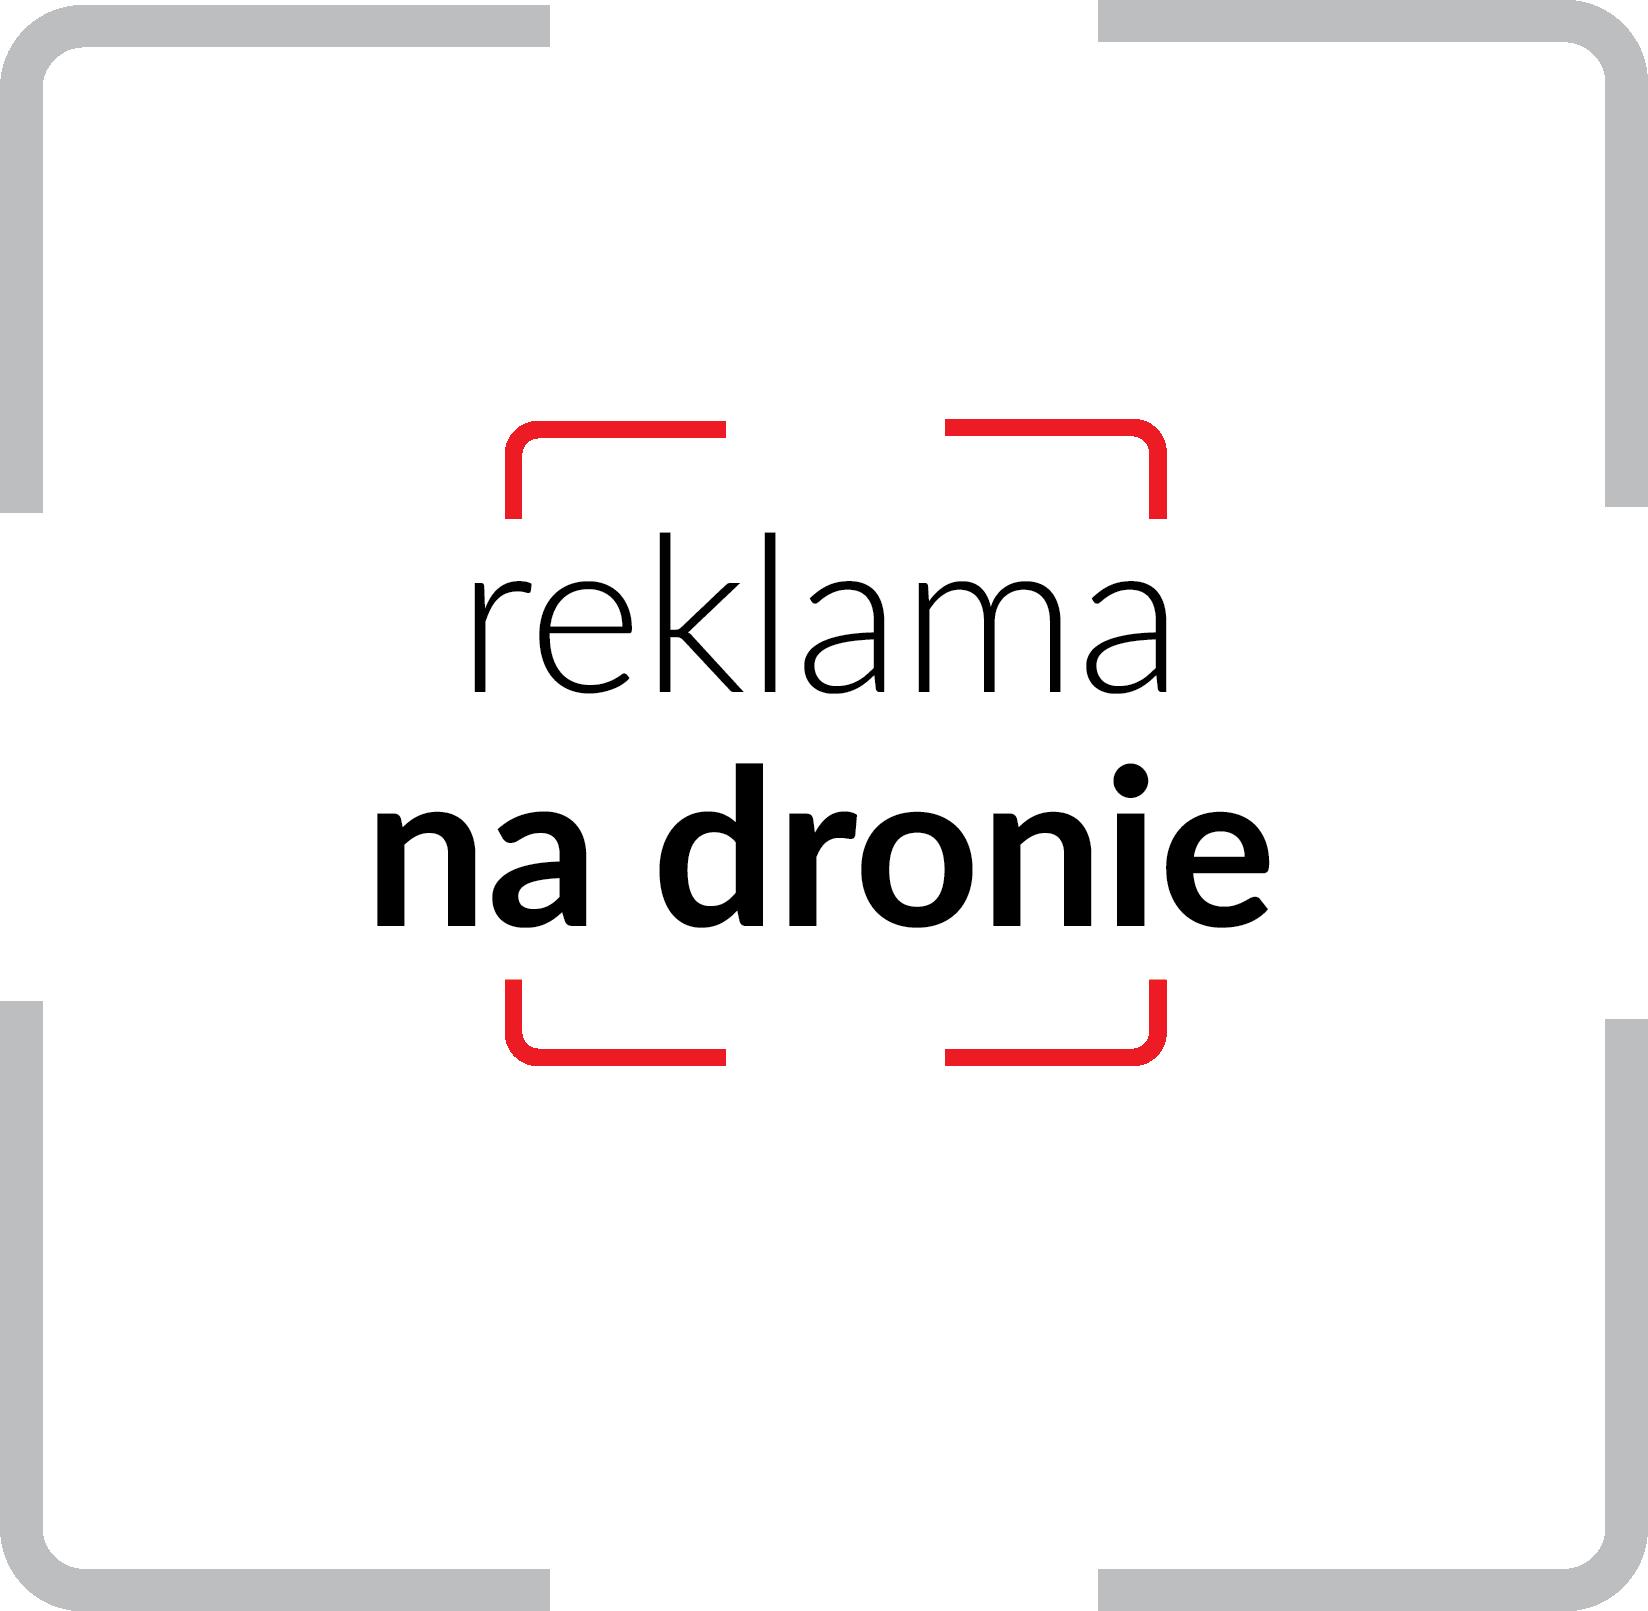 reklama na dronie